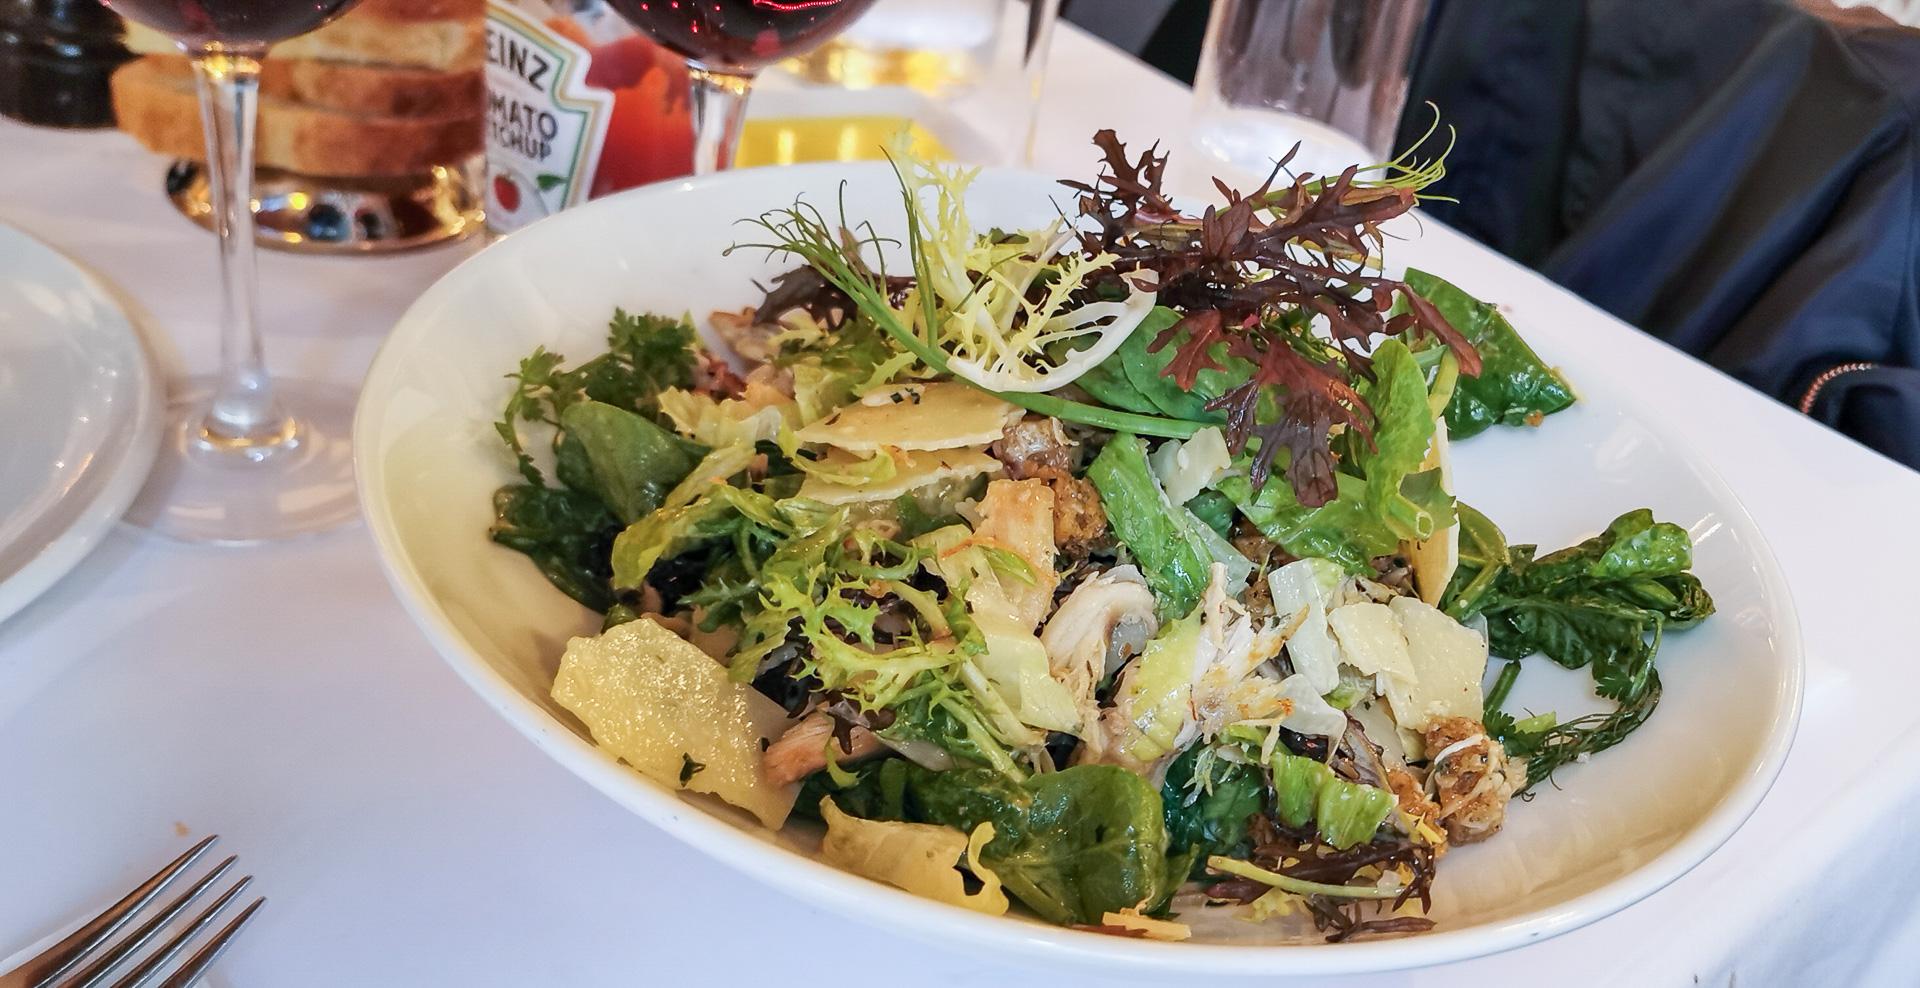 Anmeldelse af Café Englen: Stemningen var intakt - mens maden var på det jævne